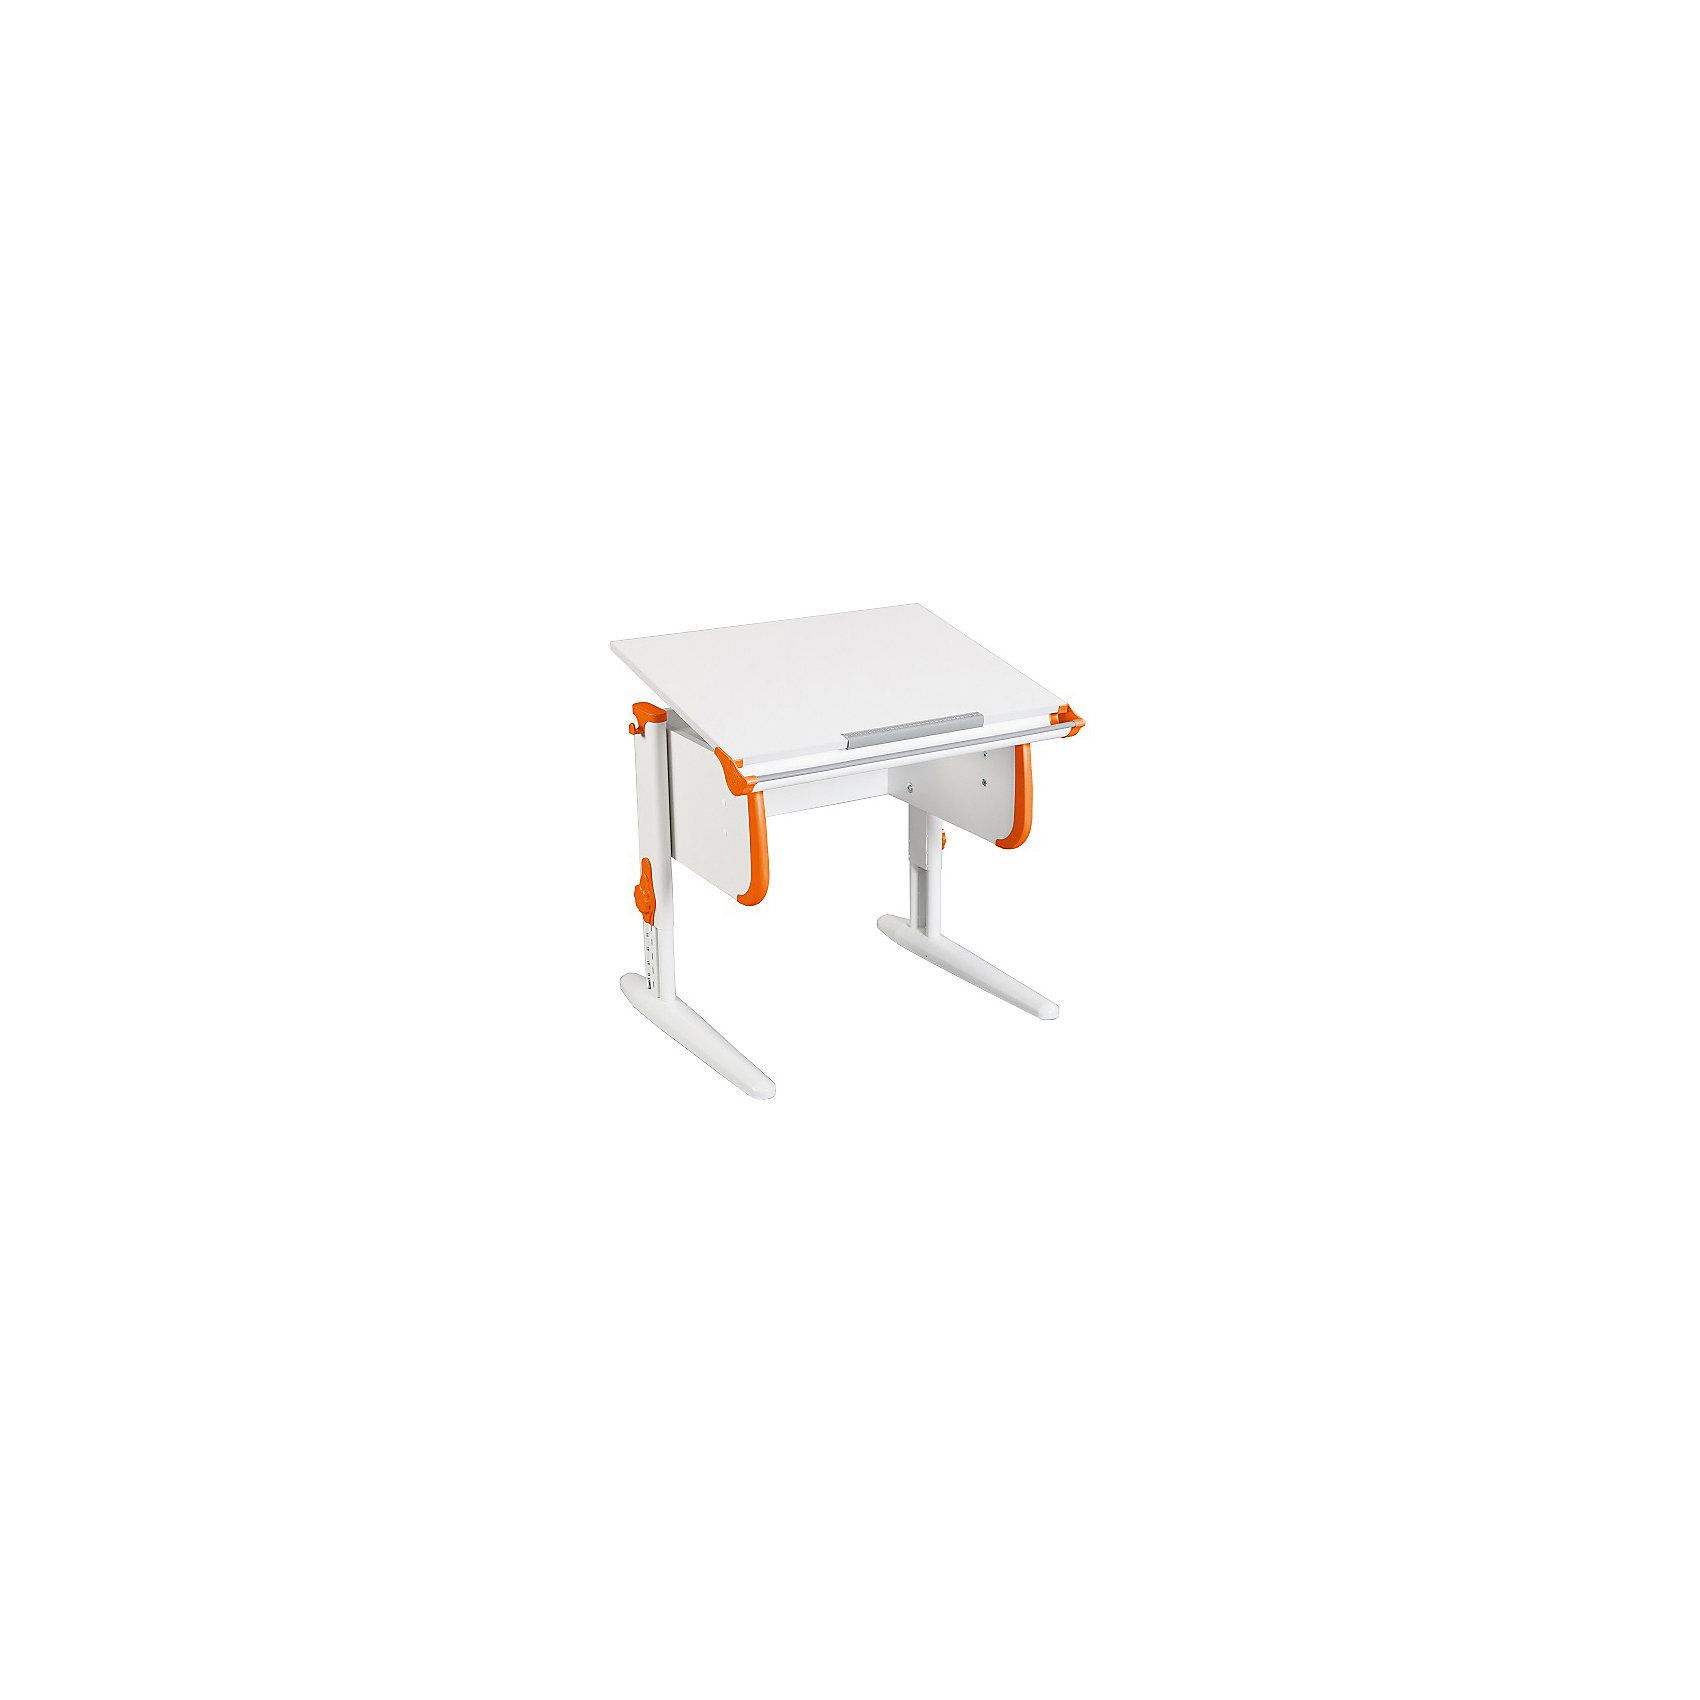 Комплект декоративных элементов ДЭП.03, Дэми, оранжевый